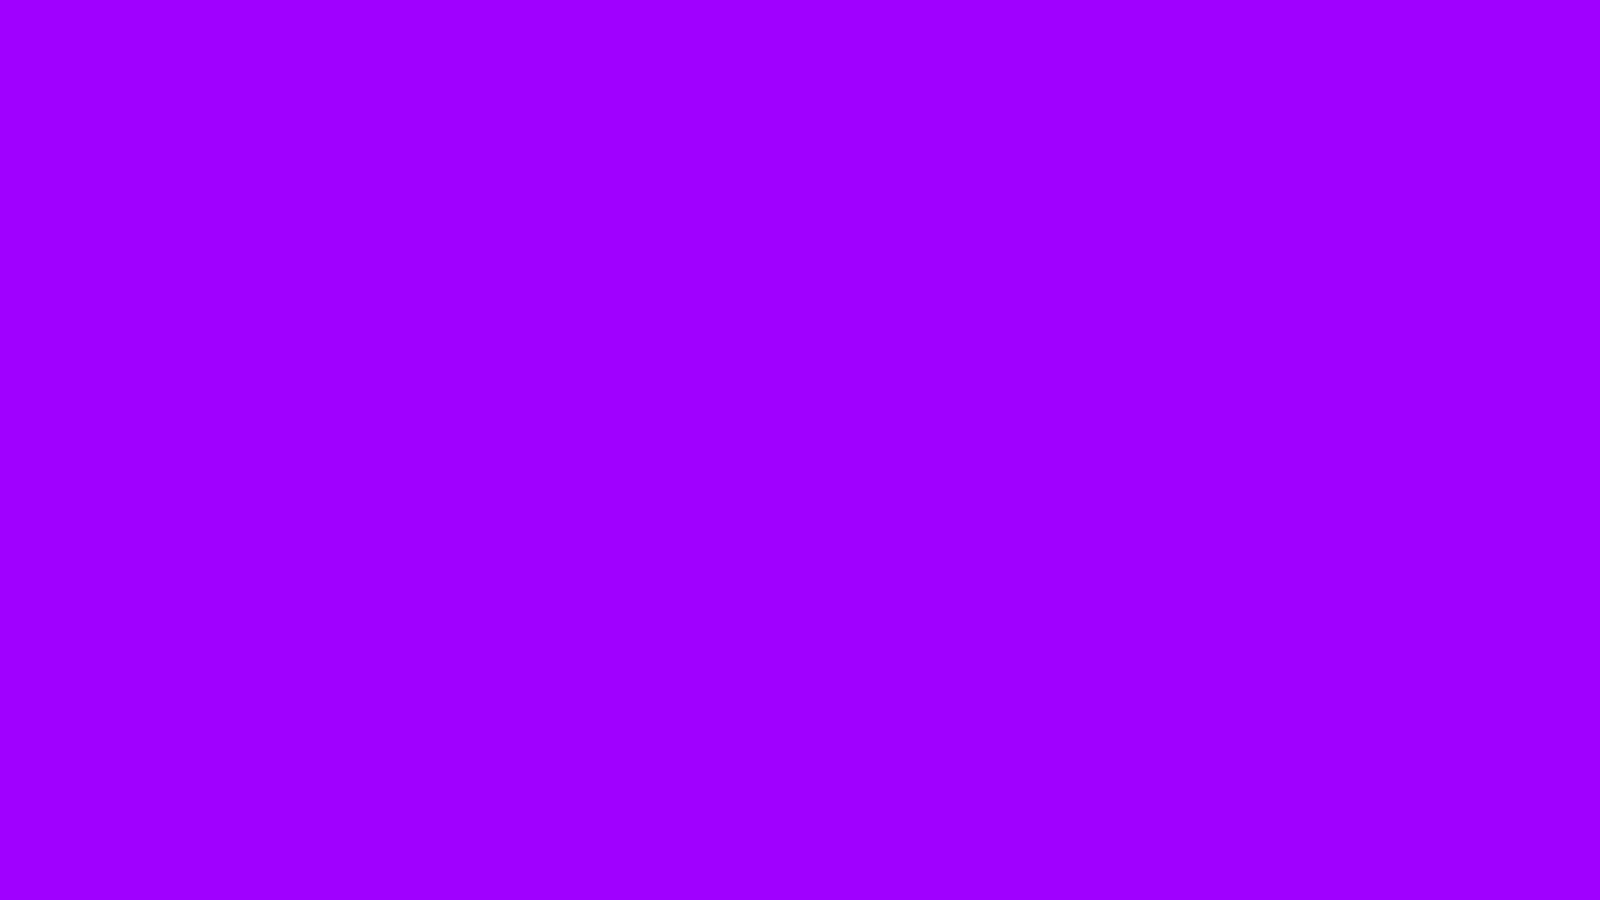 1600x900 Vivid Violet Solid Color Background